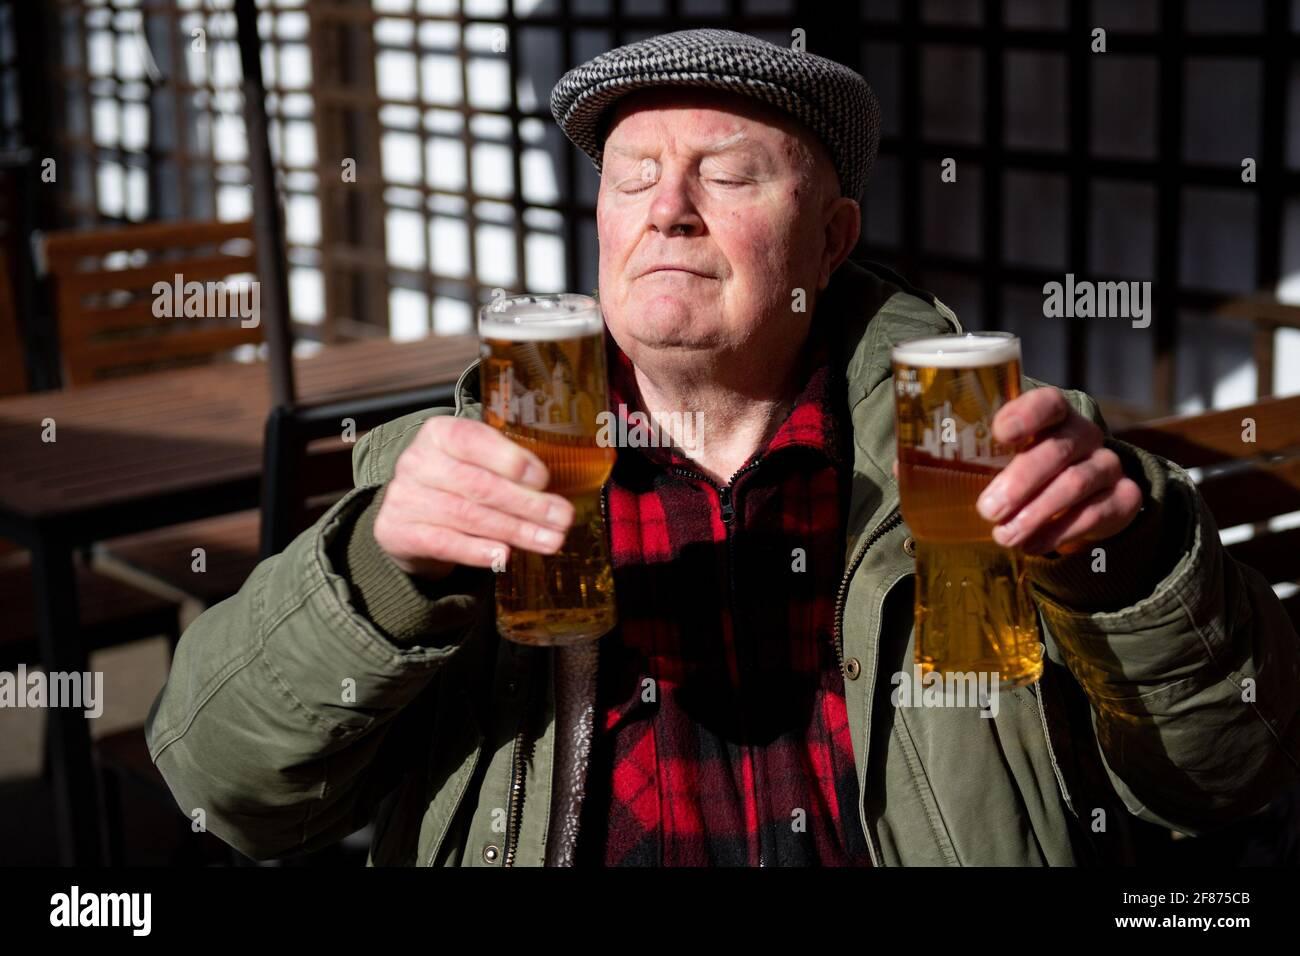 John Witts prend un verre à la réouverture de la figure de huit pub, à Birmingham, alors que l'Angleterre fait un nouveau pas vers la normalité avec l'assouplissement supplémentaire des restrictions de verrouillage. Date de la photo: Lundi 12 avril 2021. Banque D'Images